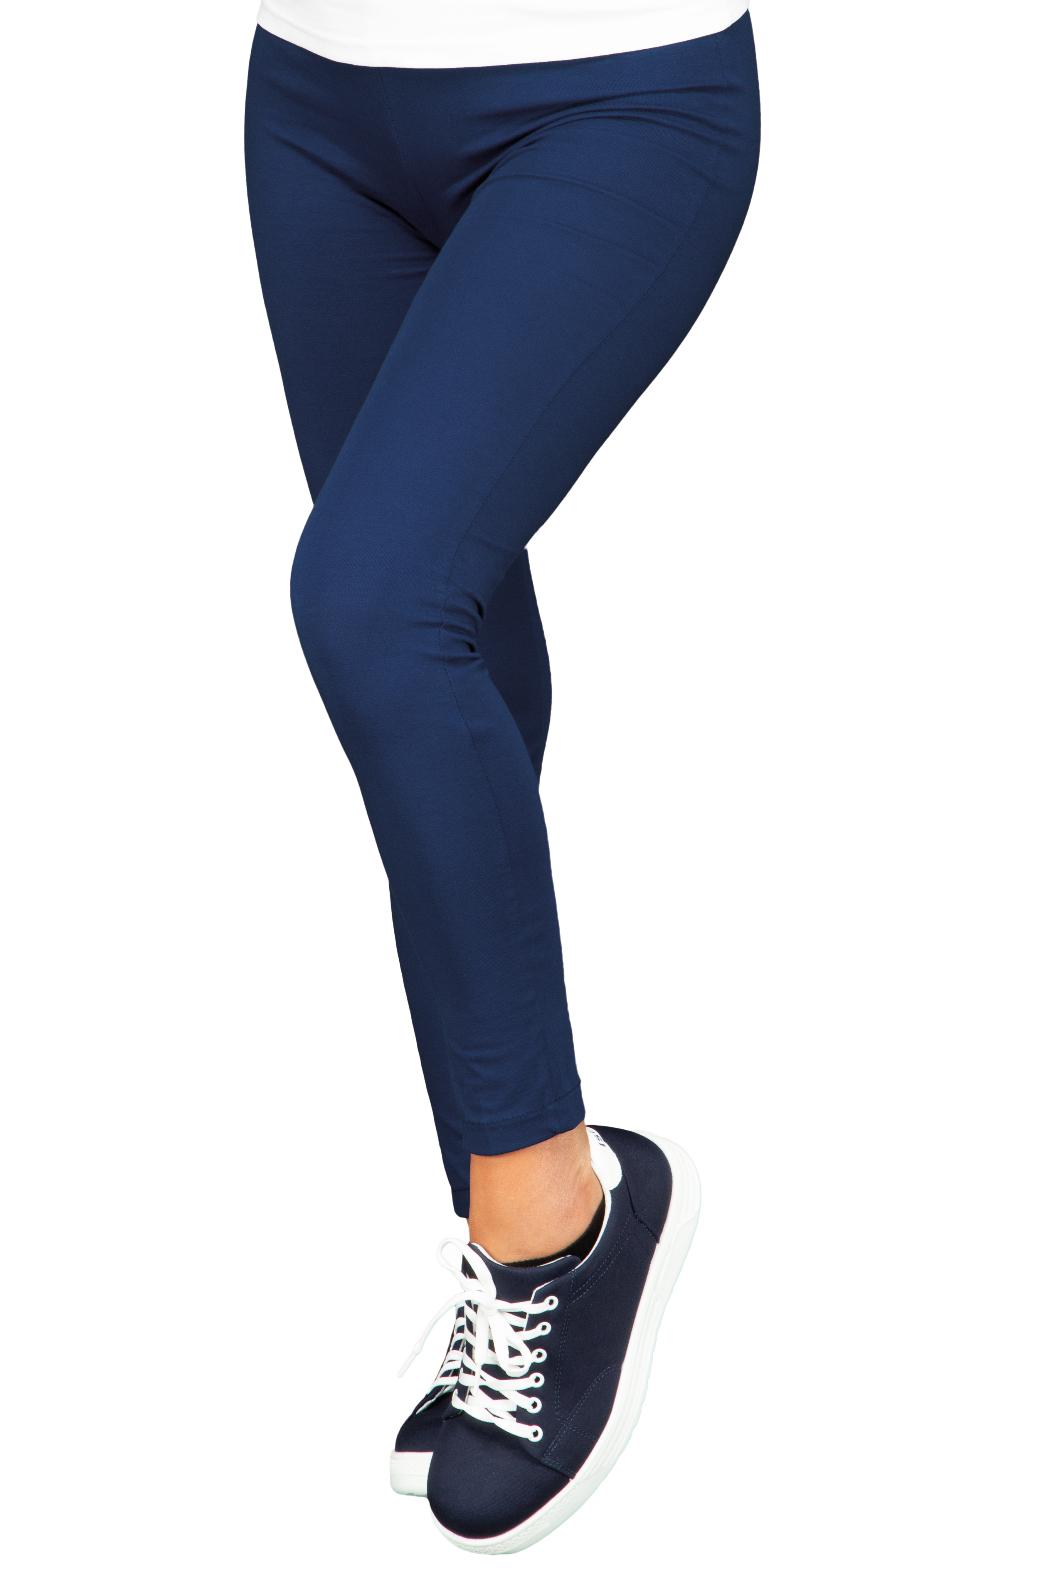 Pitkät leggingssit, sininen